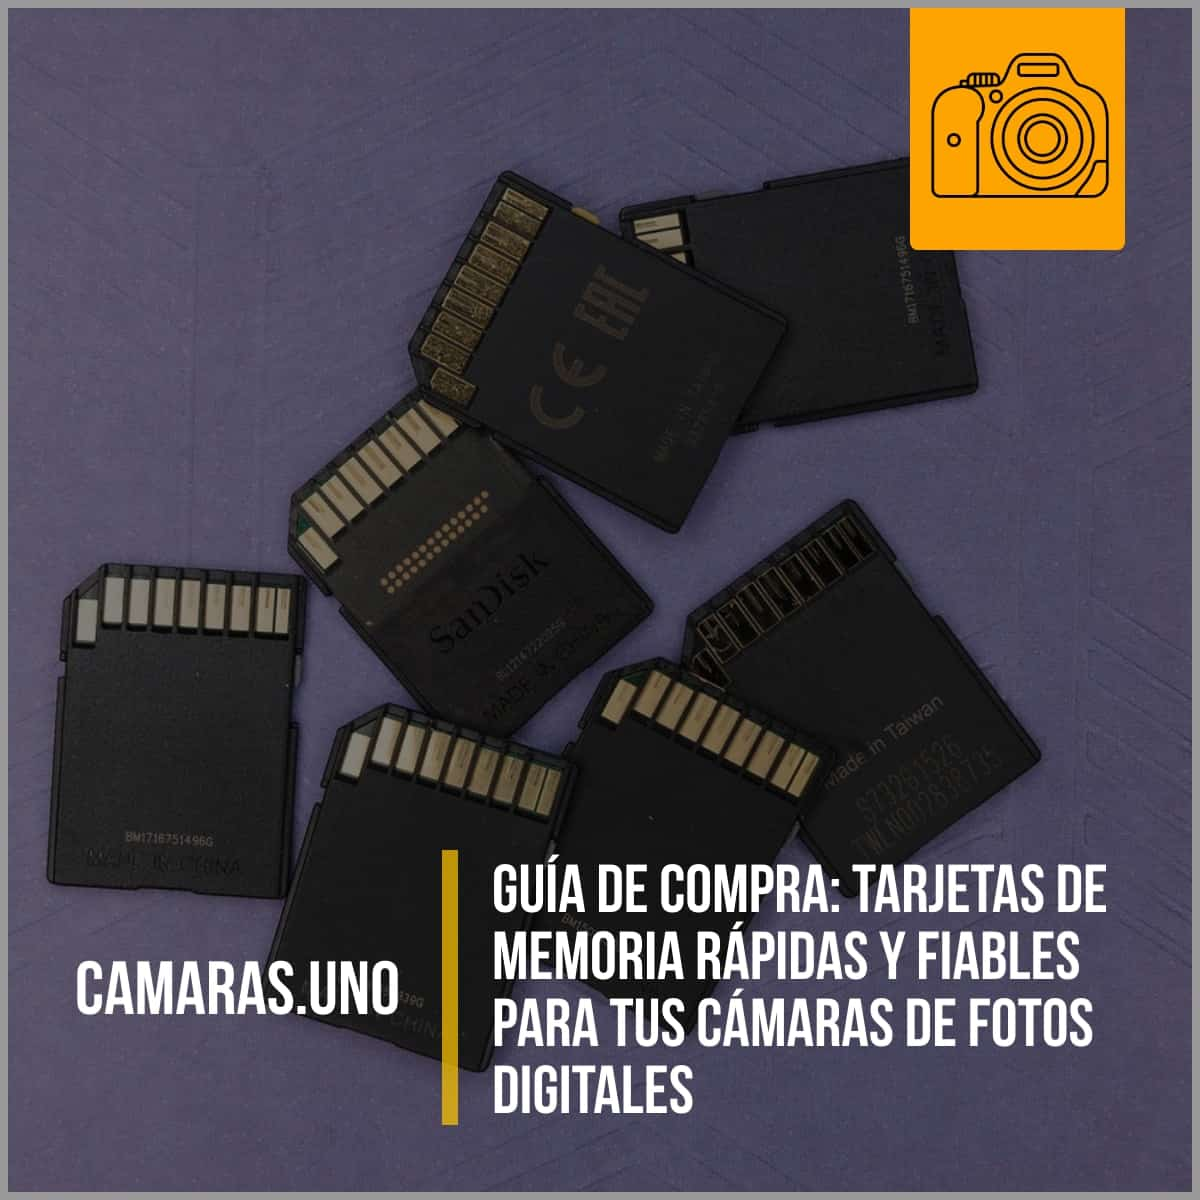 Comprando tarjetas de memoria rápidas y fiables para tus cámaras de fotos digitales